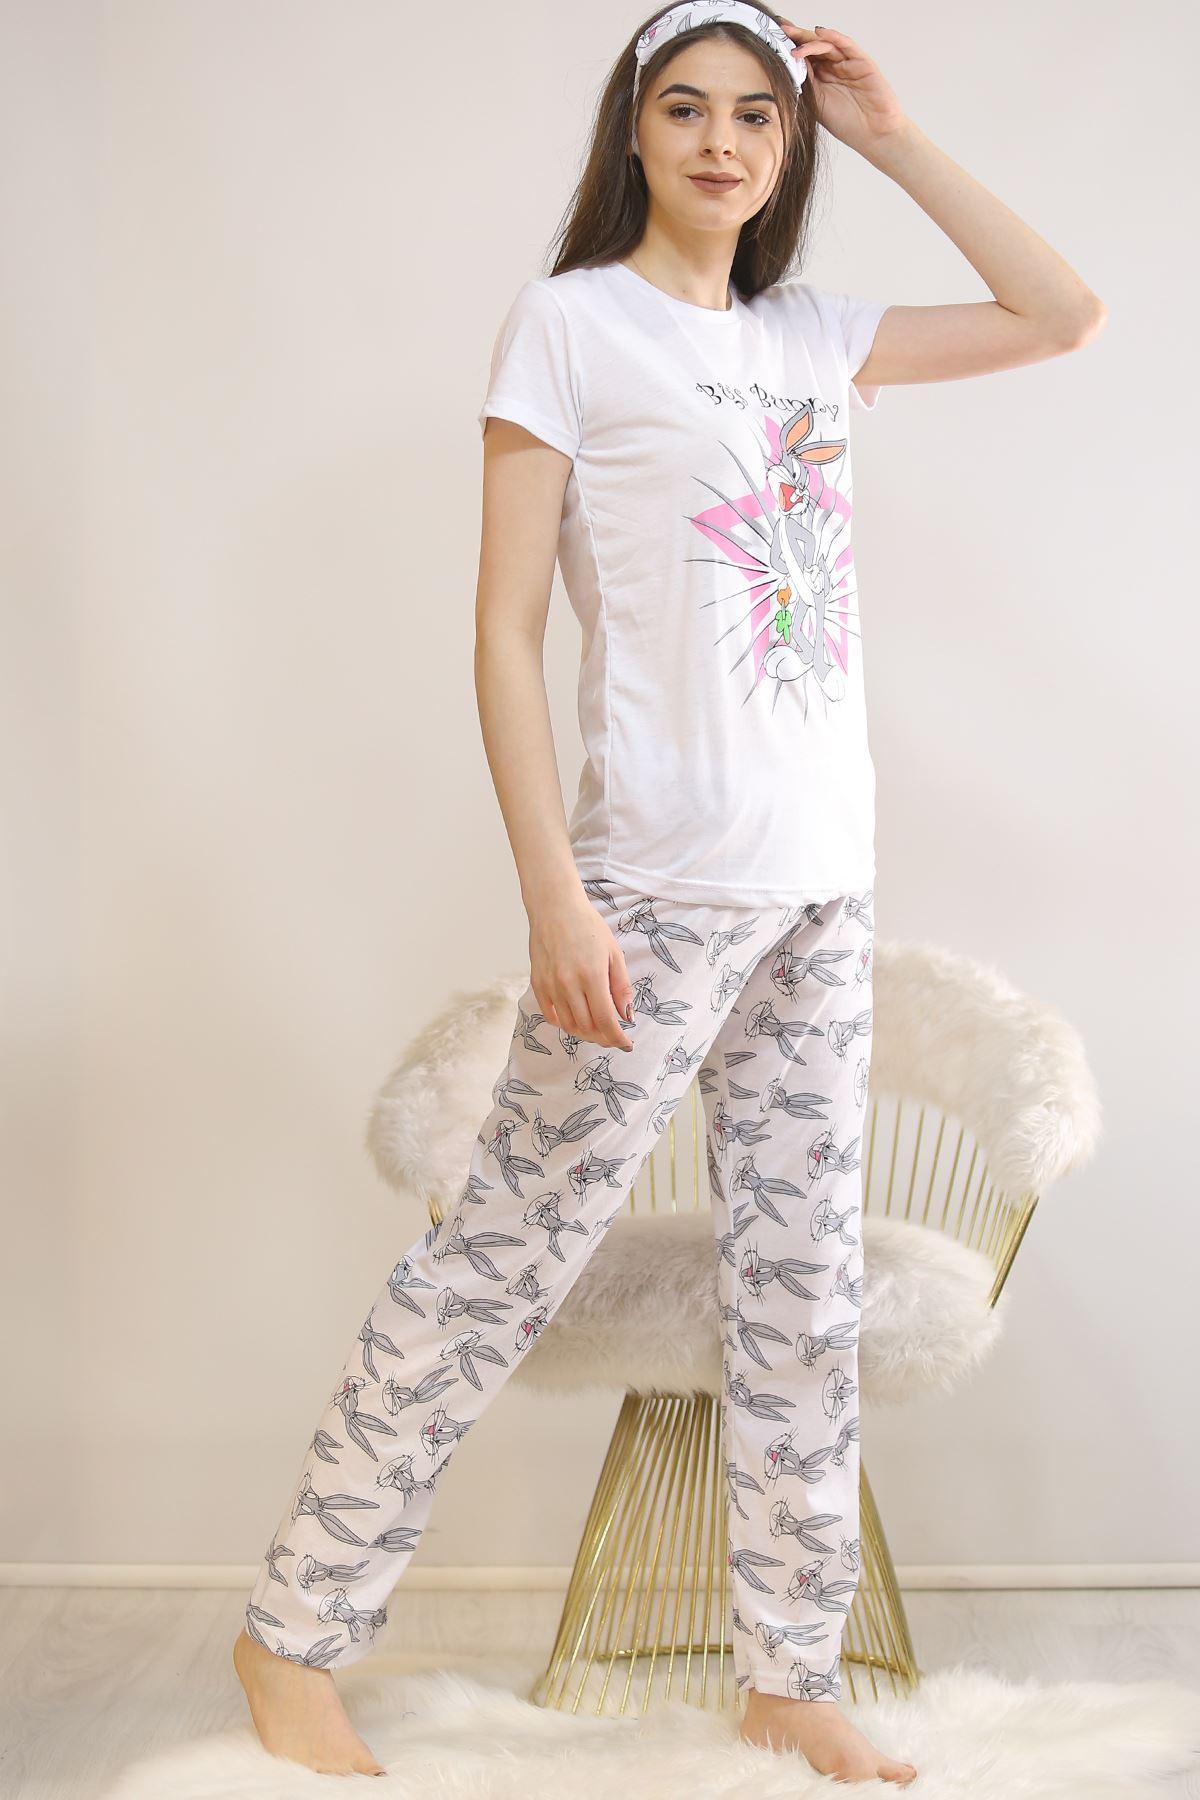 Baskılı Pijama Takımı Beyaz - 21879.1059. Toptan